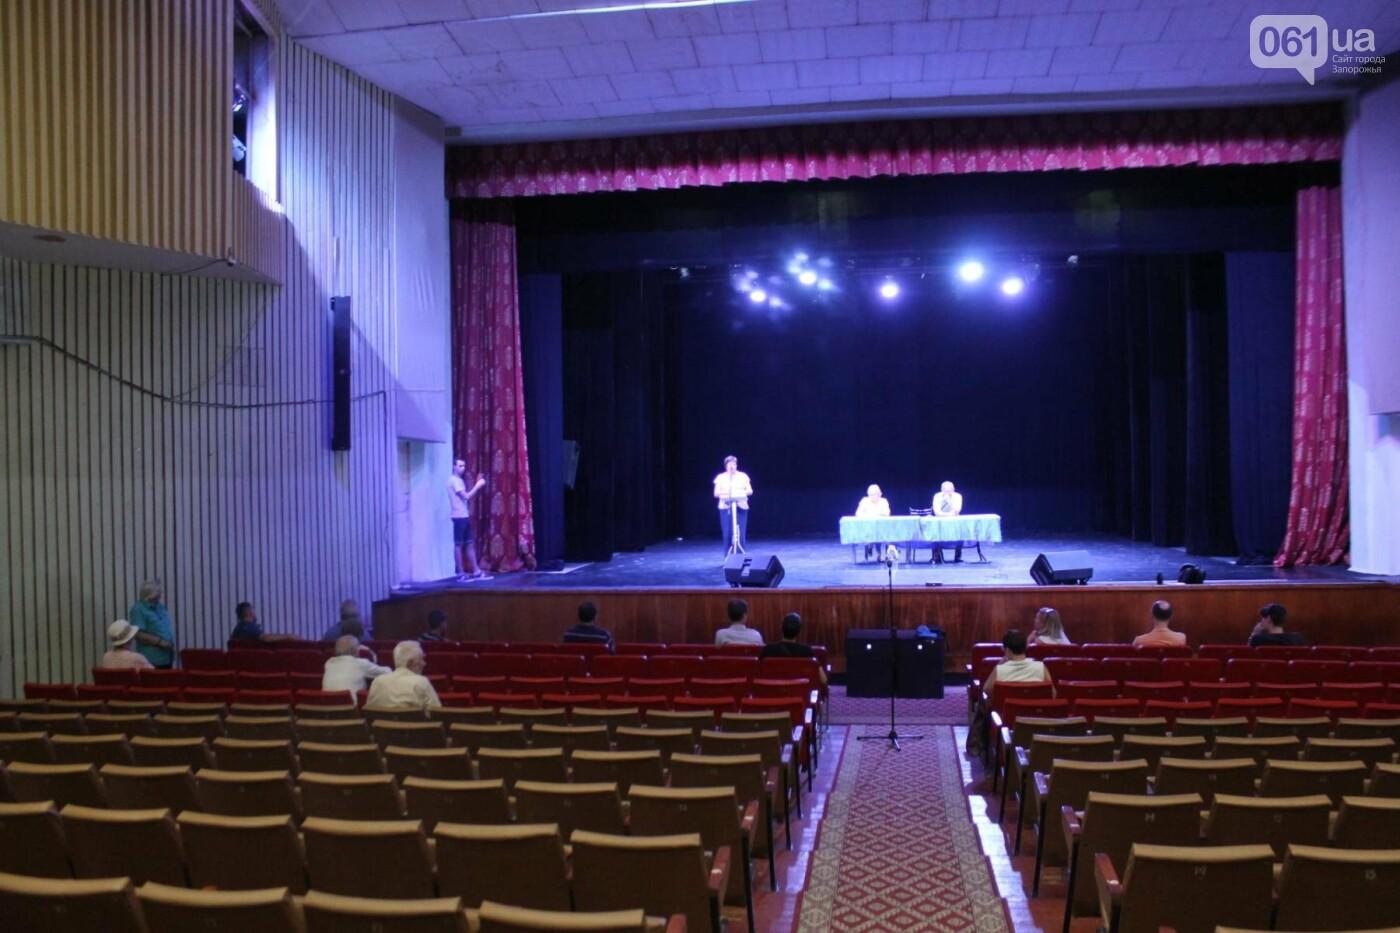 В Запорожье провалили общественные слушания по озеленению города: не пришли даже инициаторы, – ФОТОРЕПОРТАЖ, фото-17